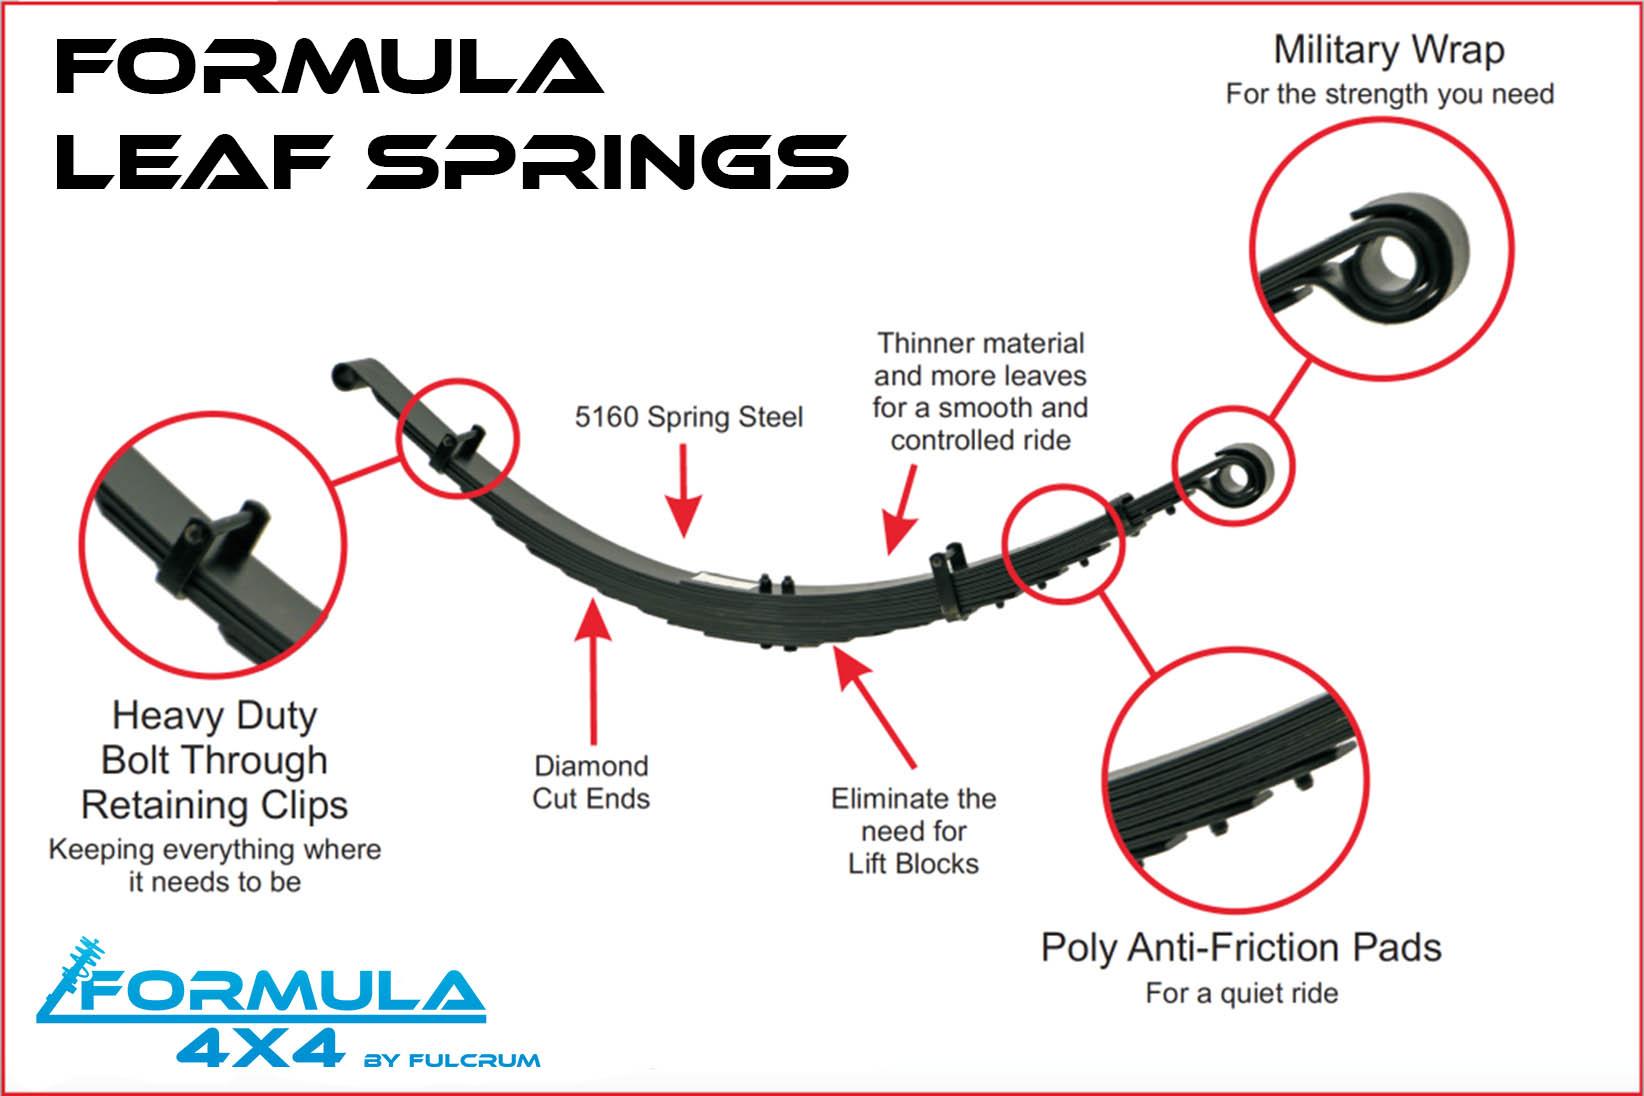 Formula 4x4 Leaf Spring Technical Details